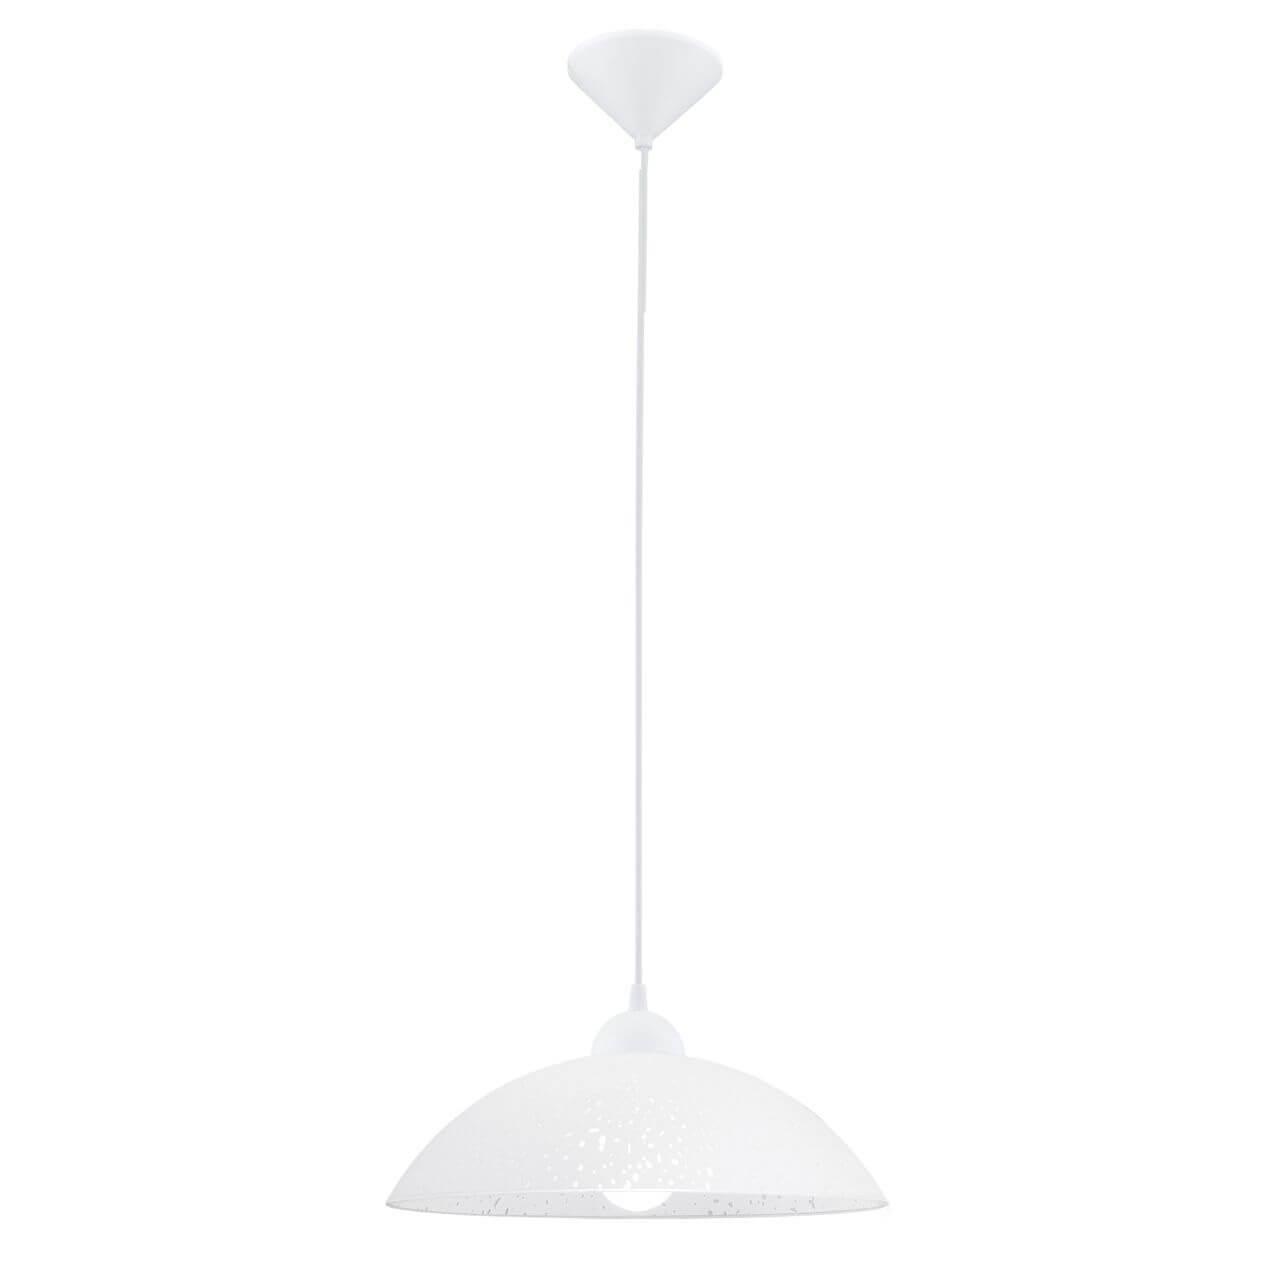 Подвесной светильник Eglo 82783, E27, 60 Вт